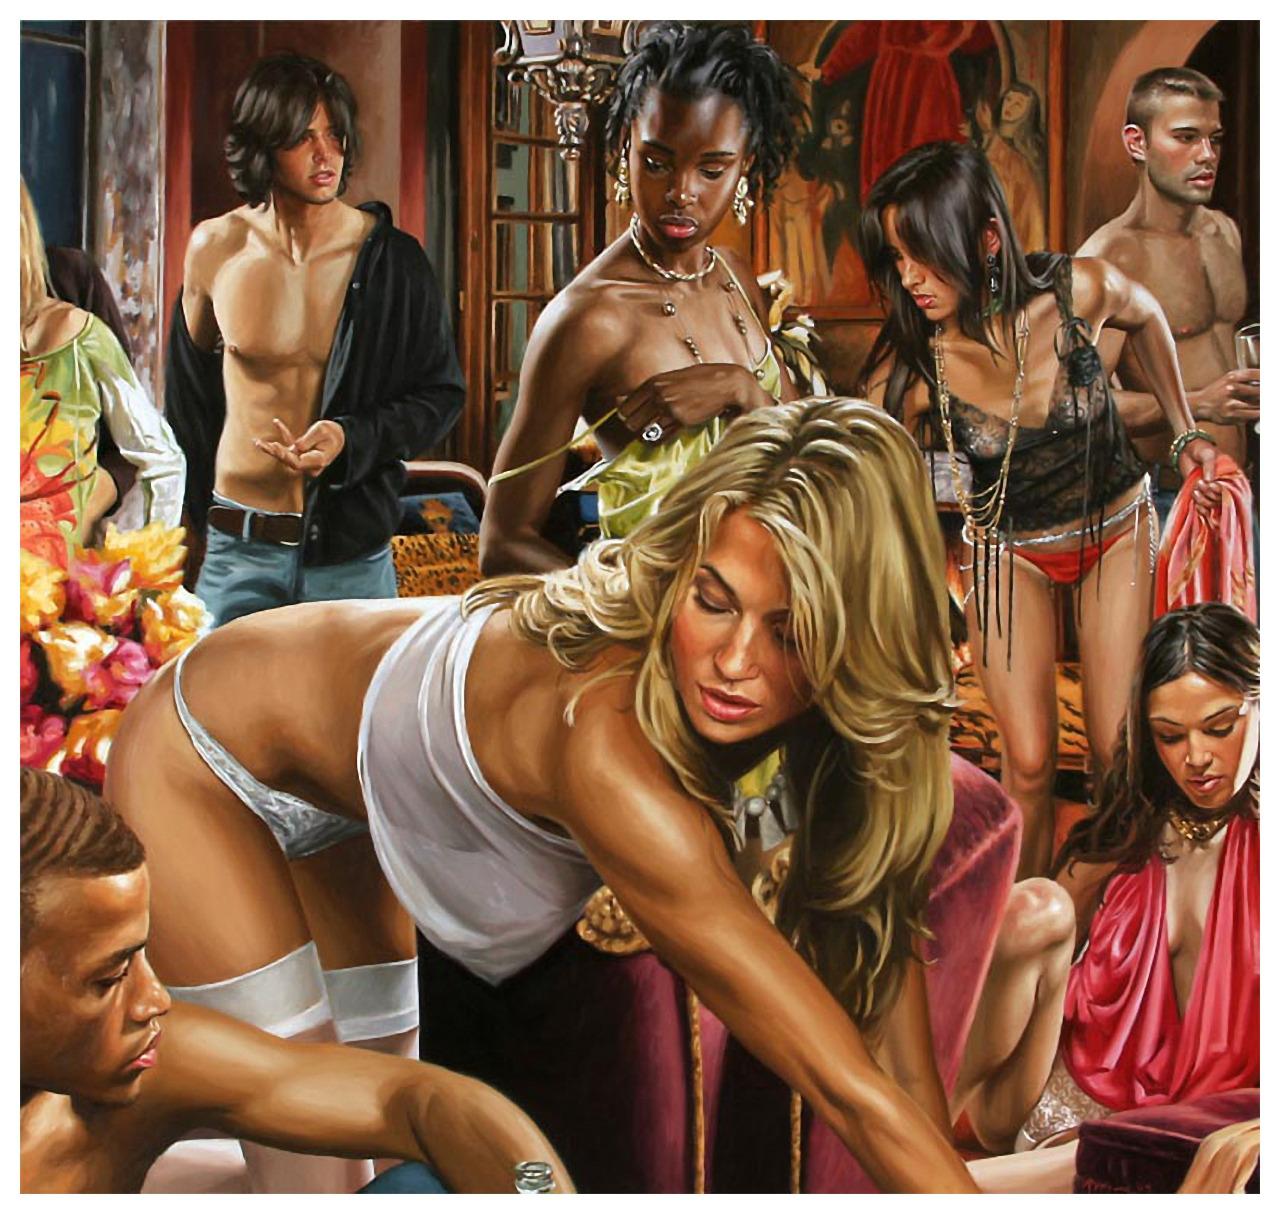 Секс на гламурной вечеринки 10 фотография